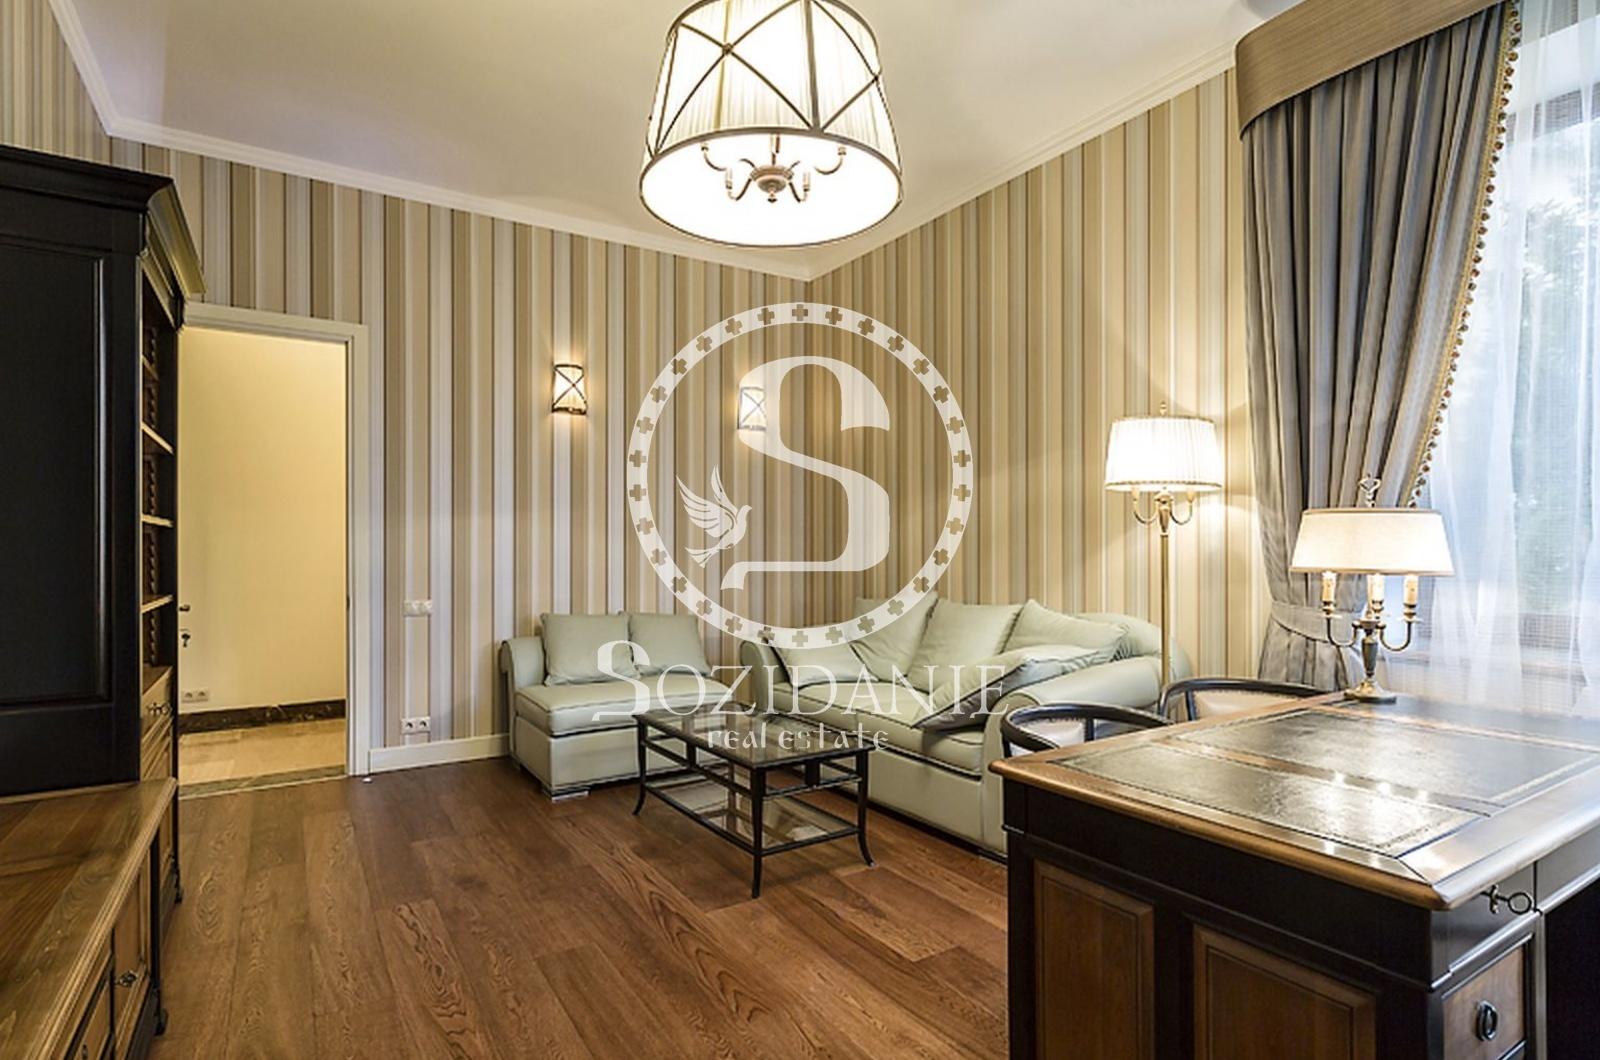 4 Bedrooms, Загородная, Продажа, Listing ID 1569, Московская область, Россия,